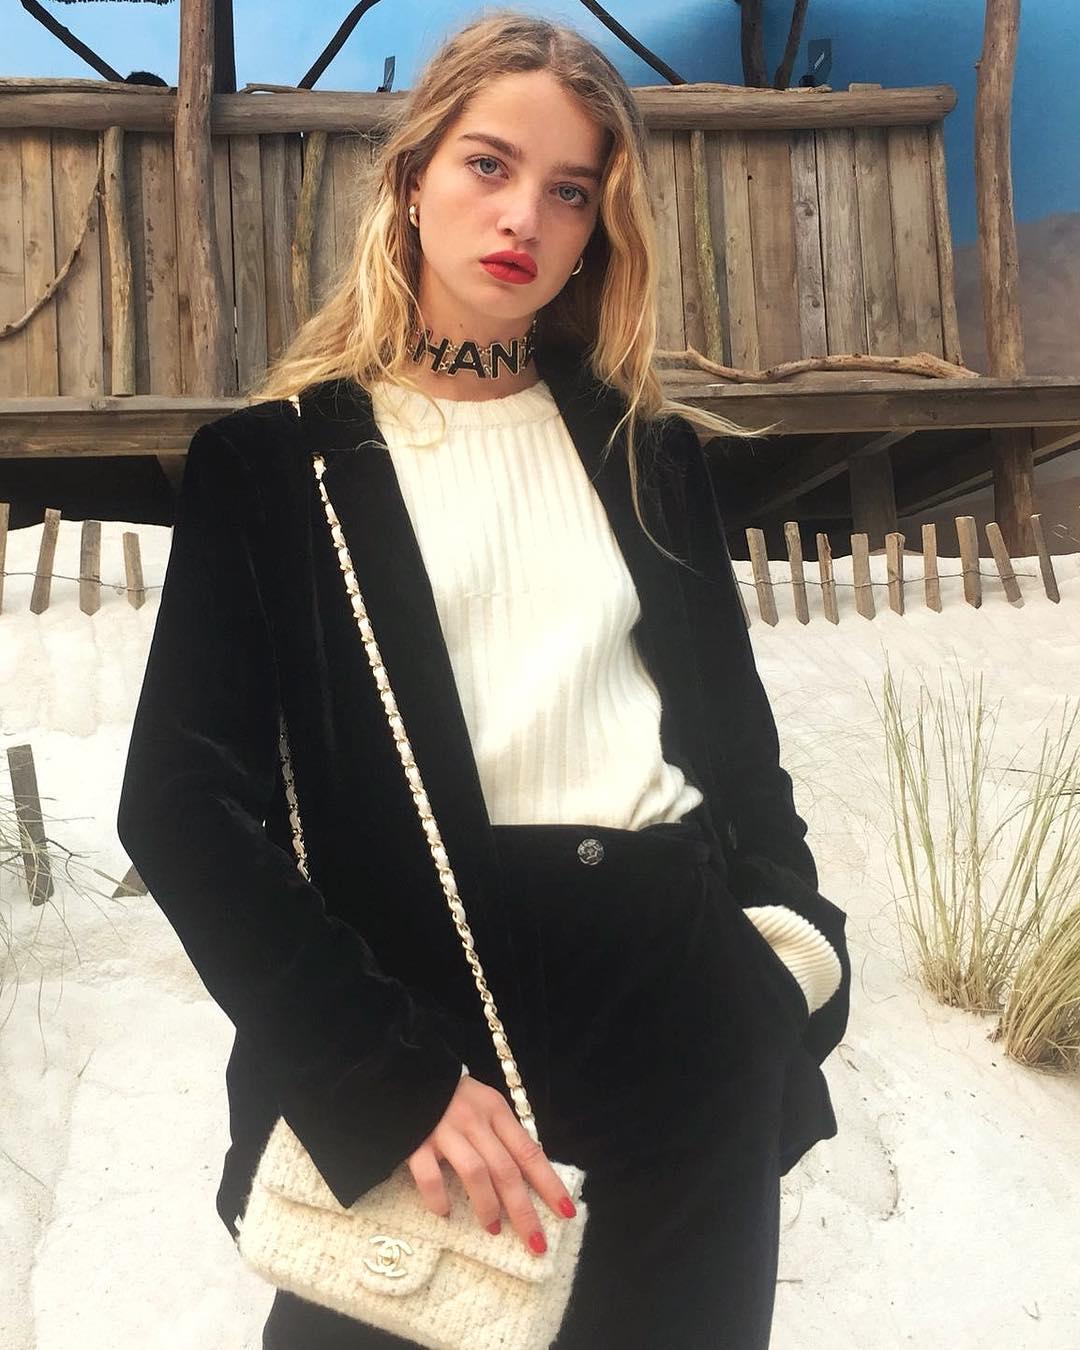 Tín đồ thời trang Pháp Adele Farine mặc suit nhung, đeo túi và choker Chanel